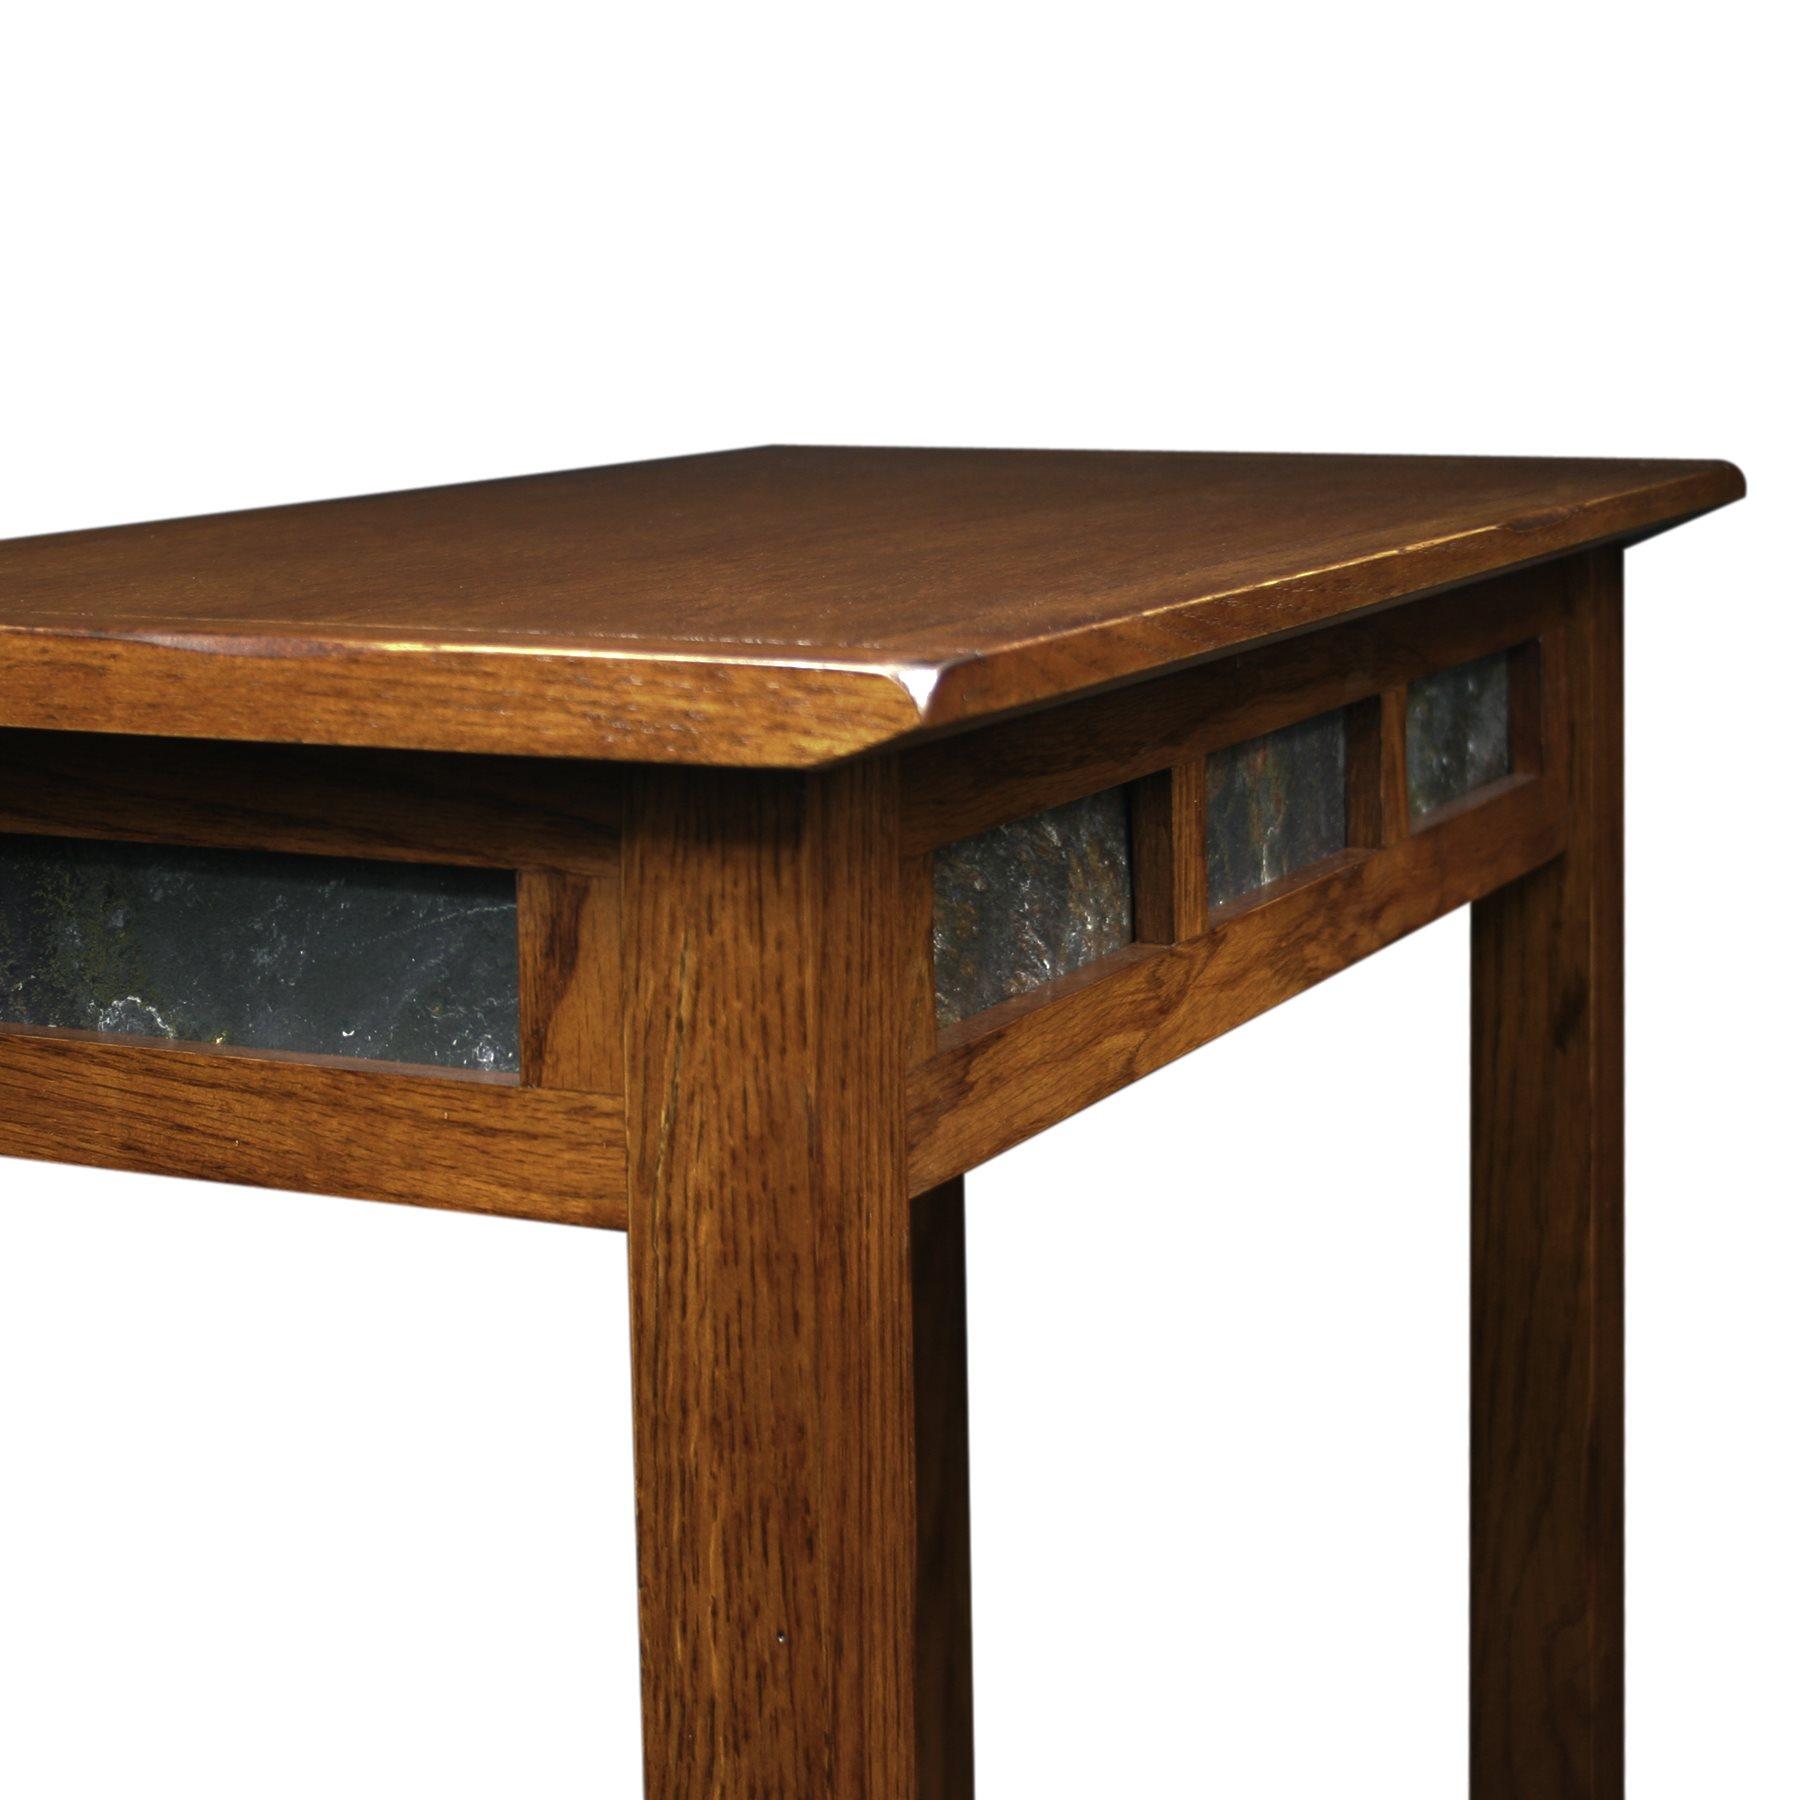 Leick Furniture Favorite Finds Rustic Oak Rustic Slate